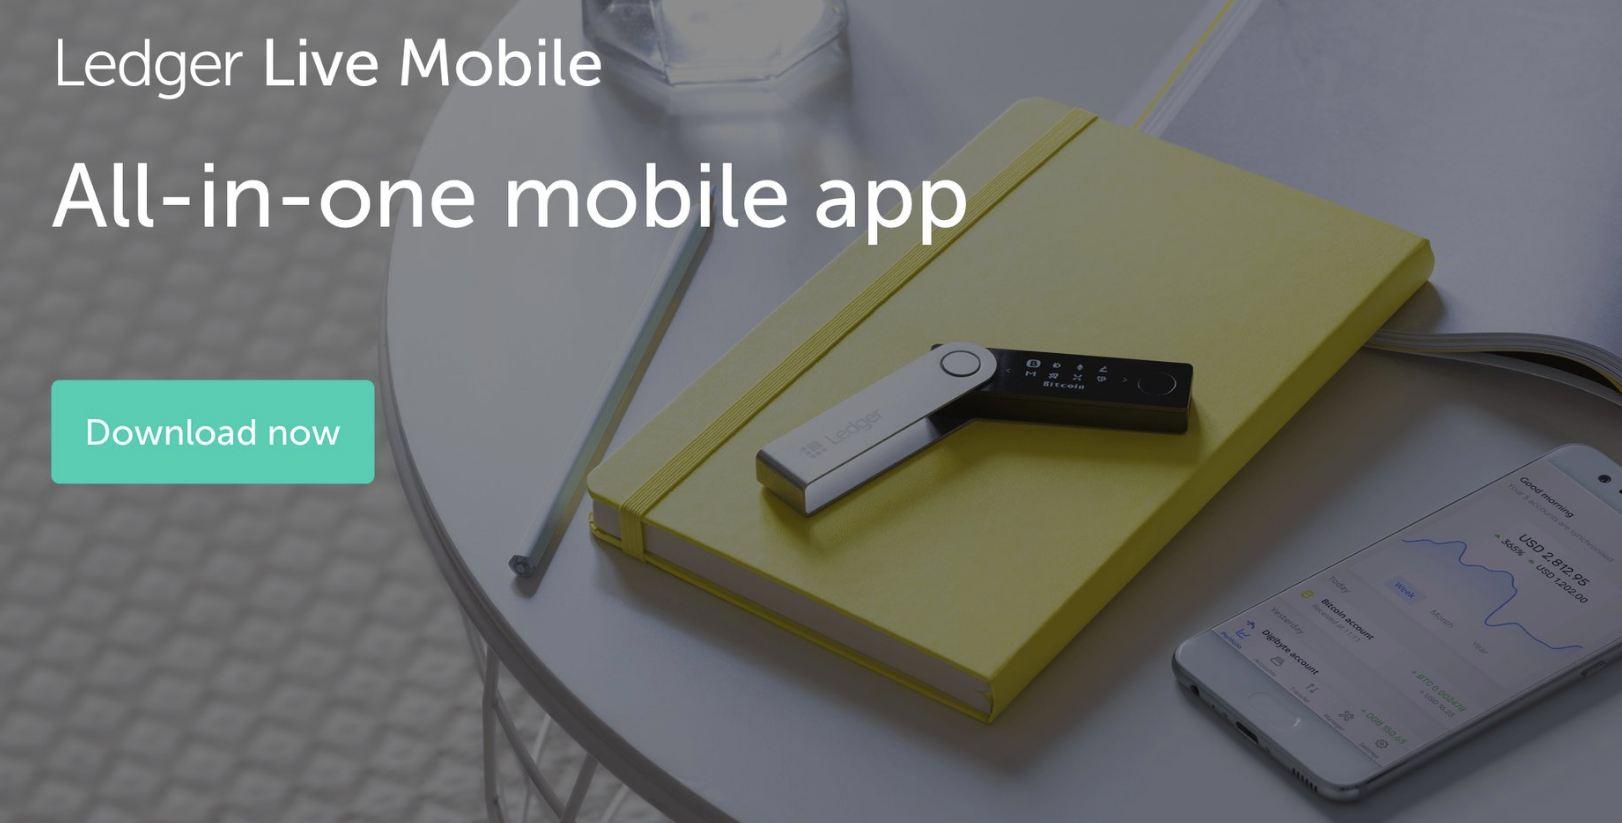 У Ledger появилось мобильное приложение